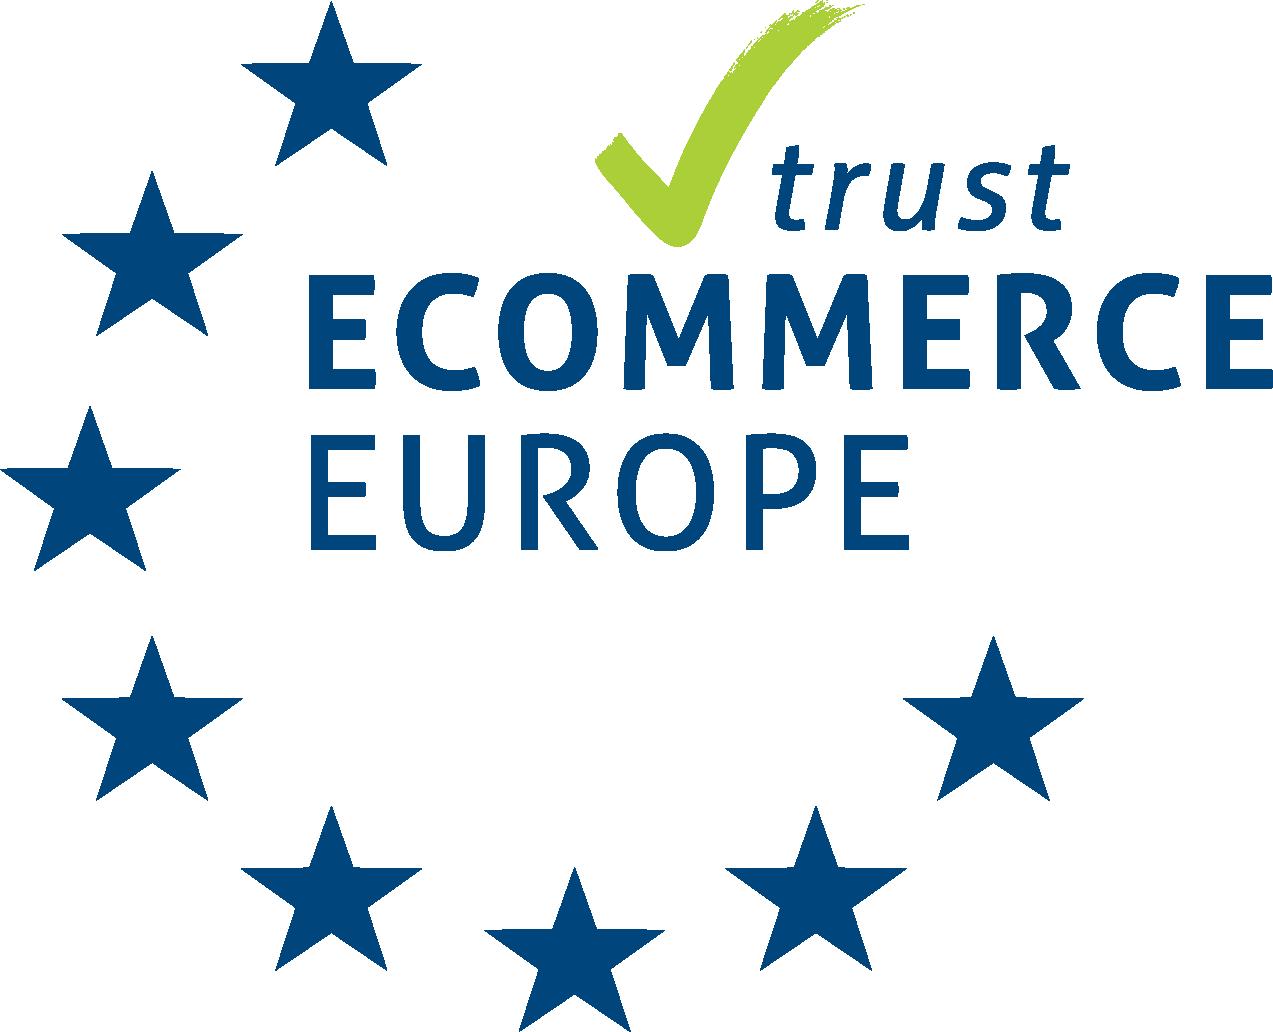 ecommerce_eyrope_trustmark